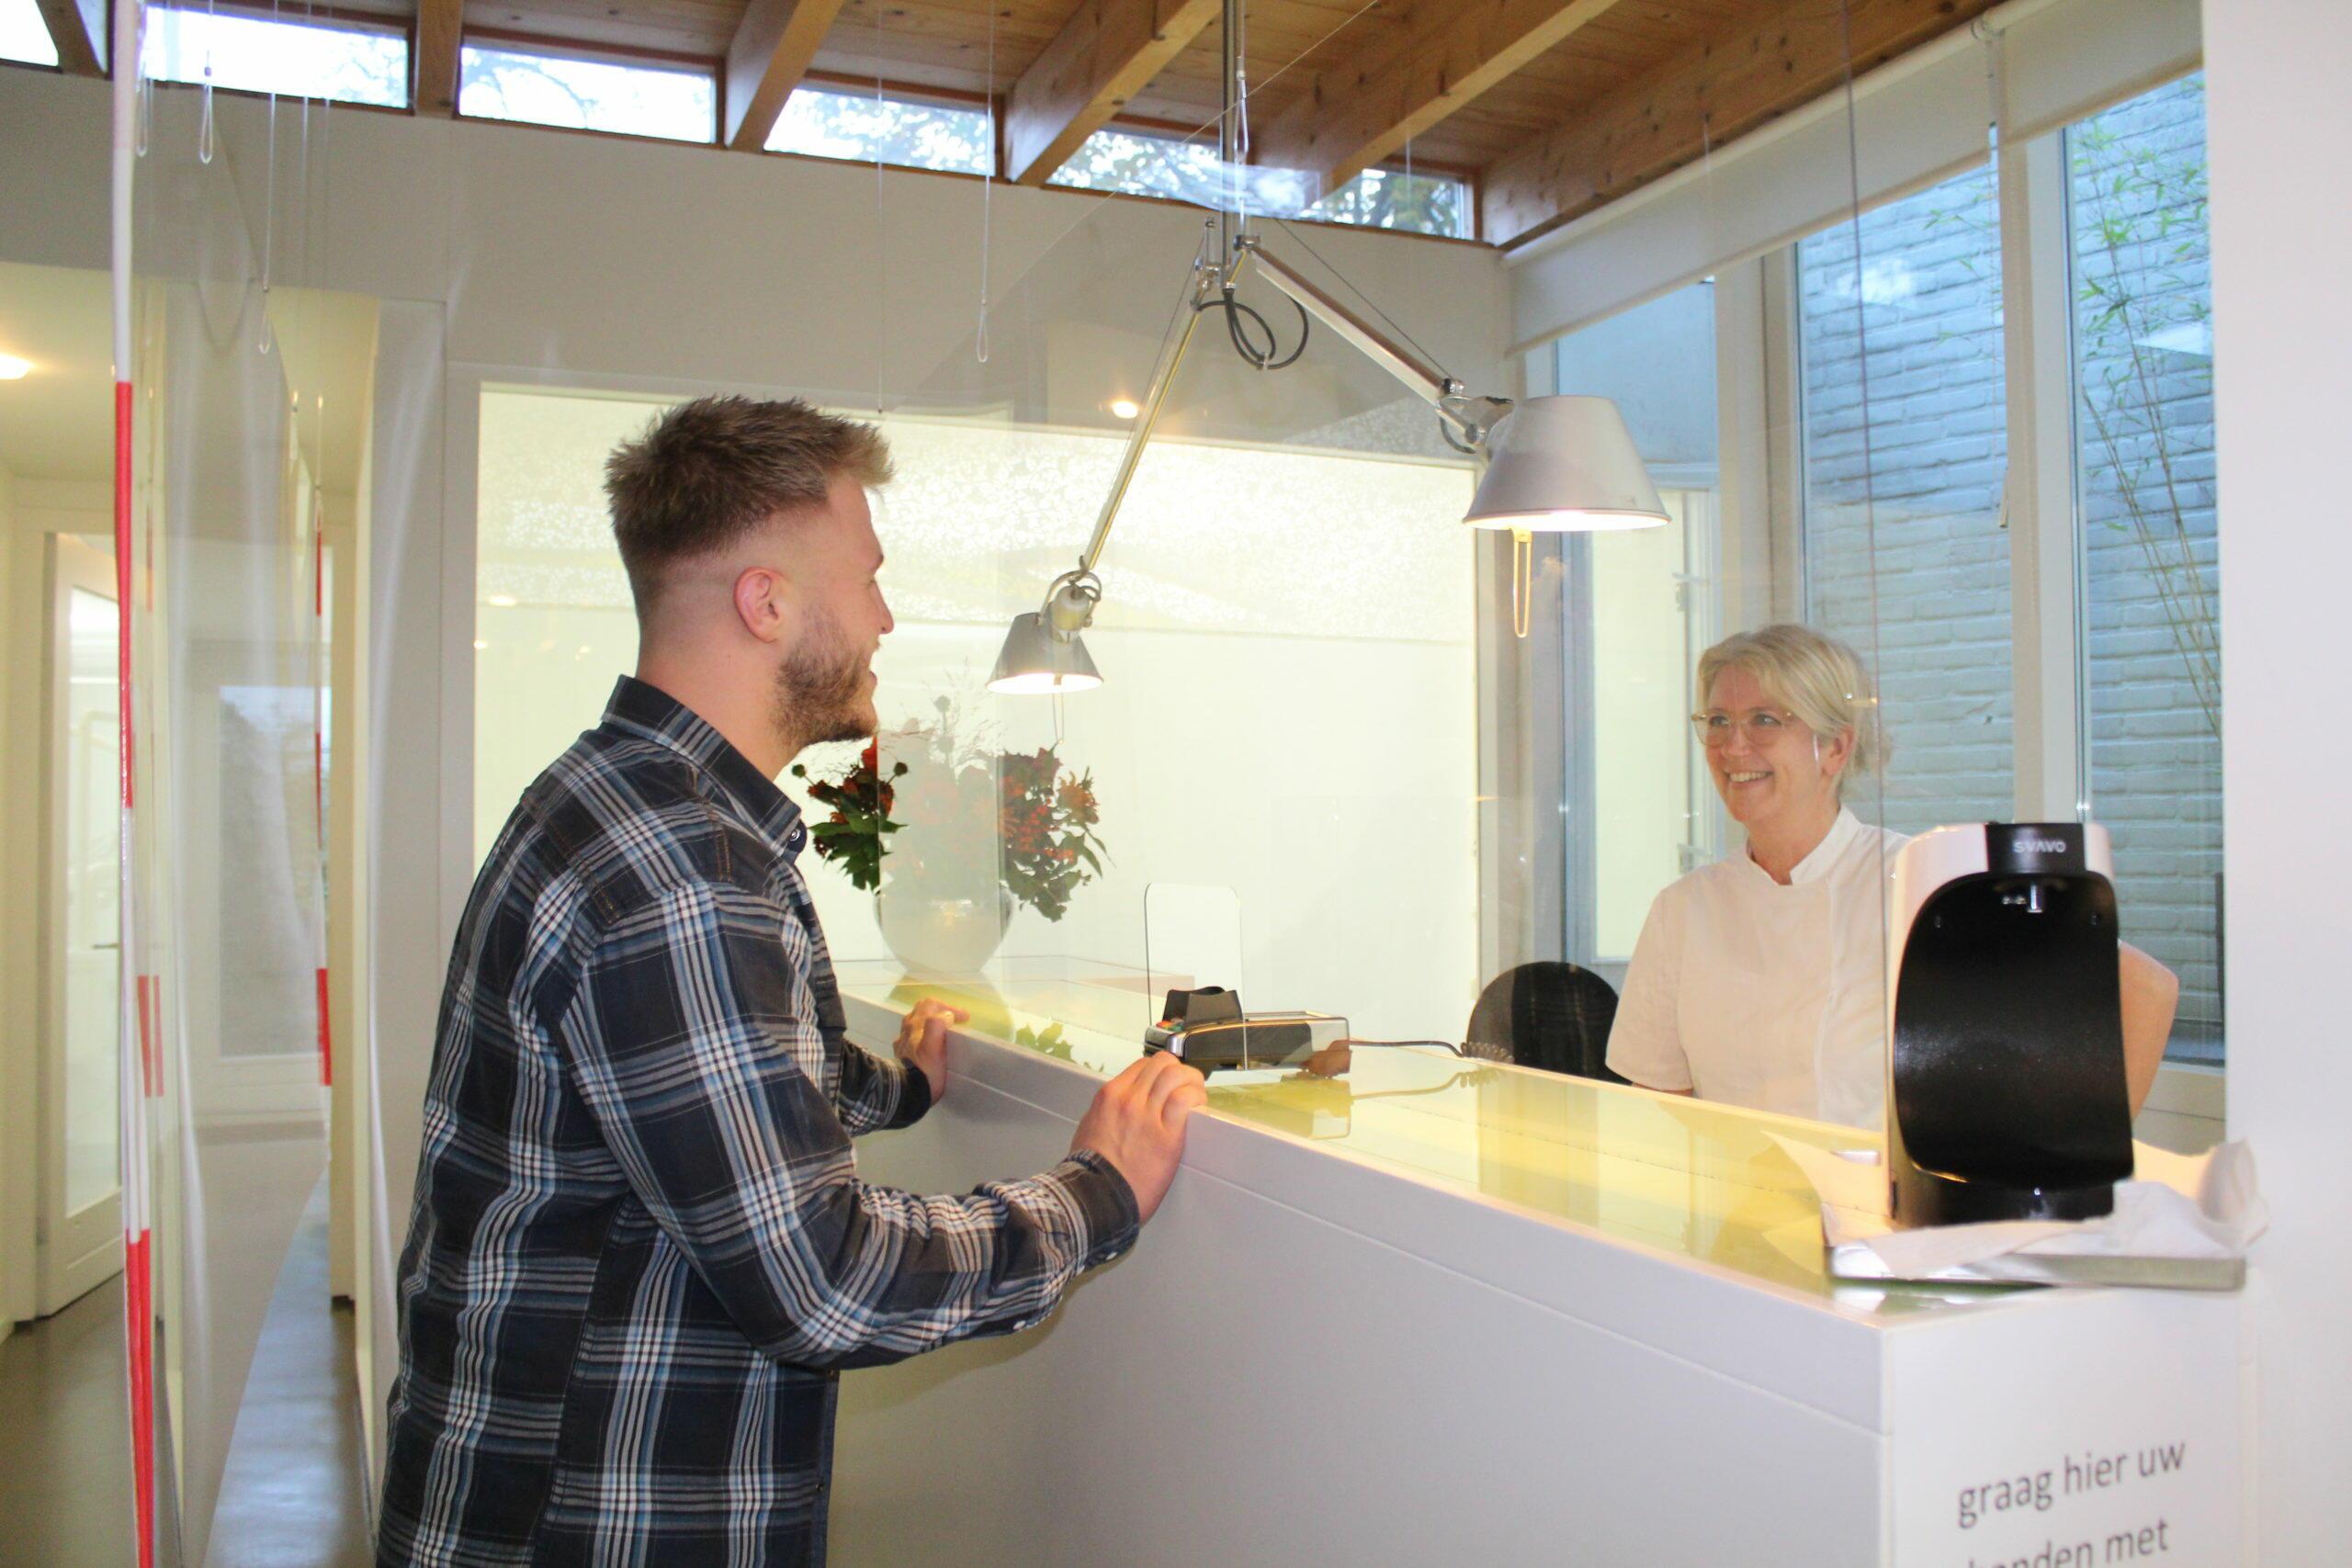 Uw bezoek aan de mondhygiënist